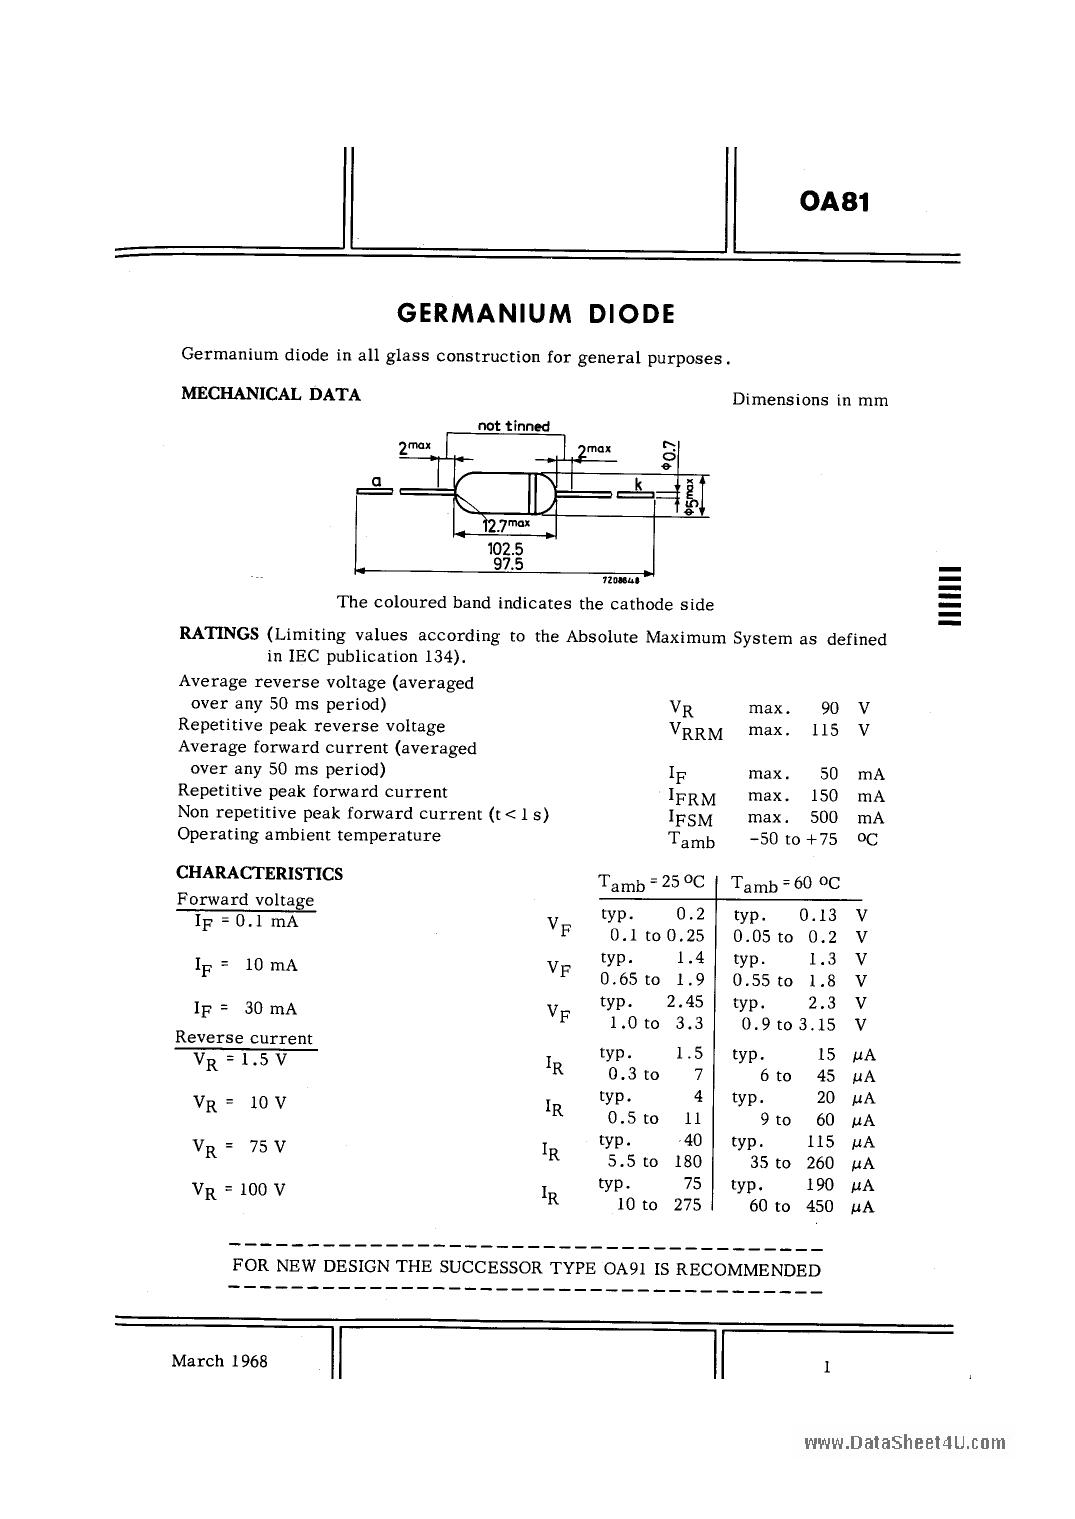 OA81 datasheet